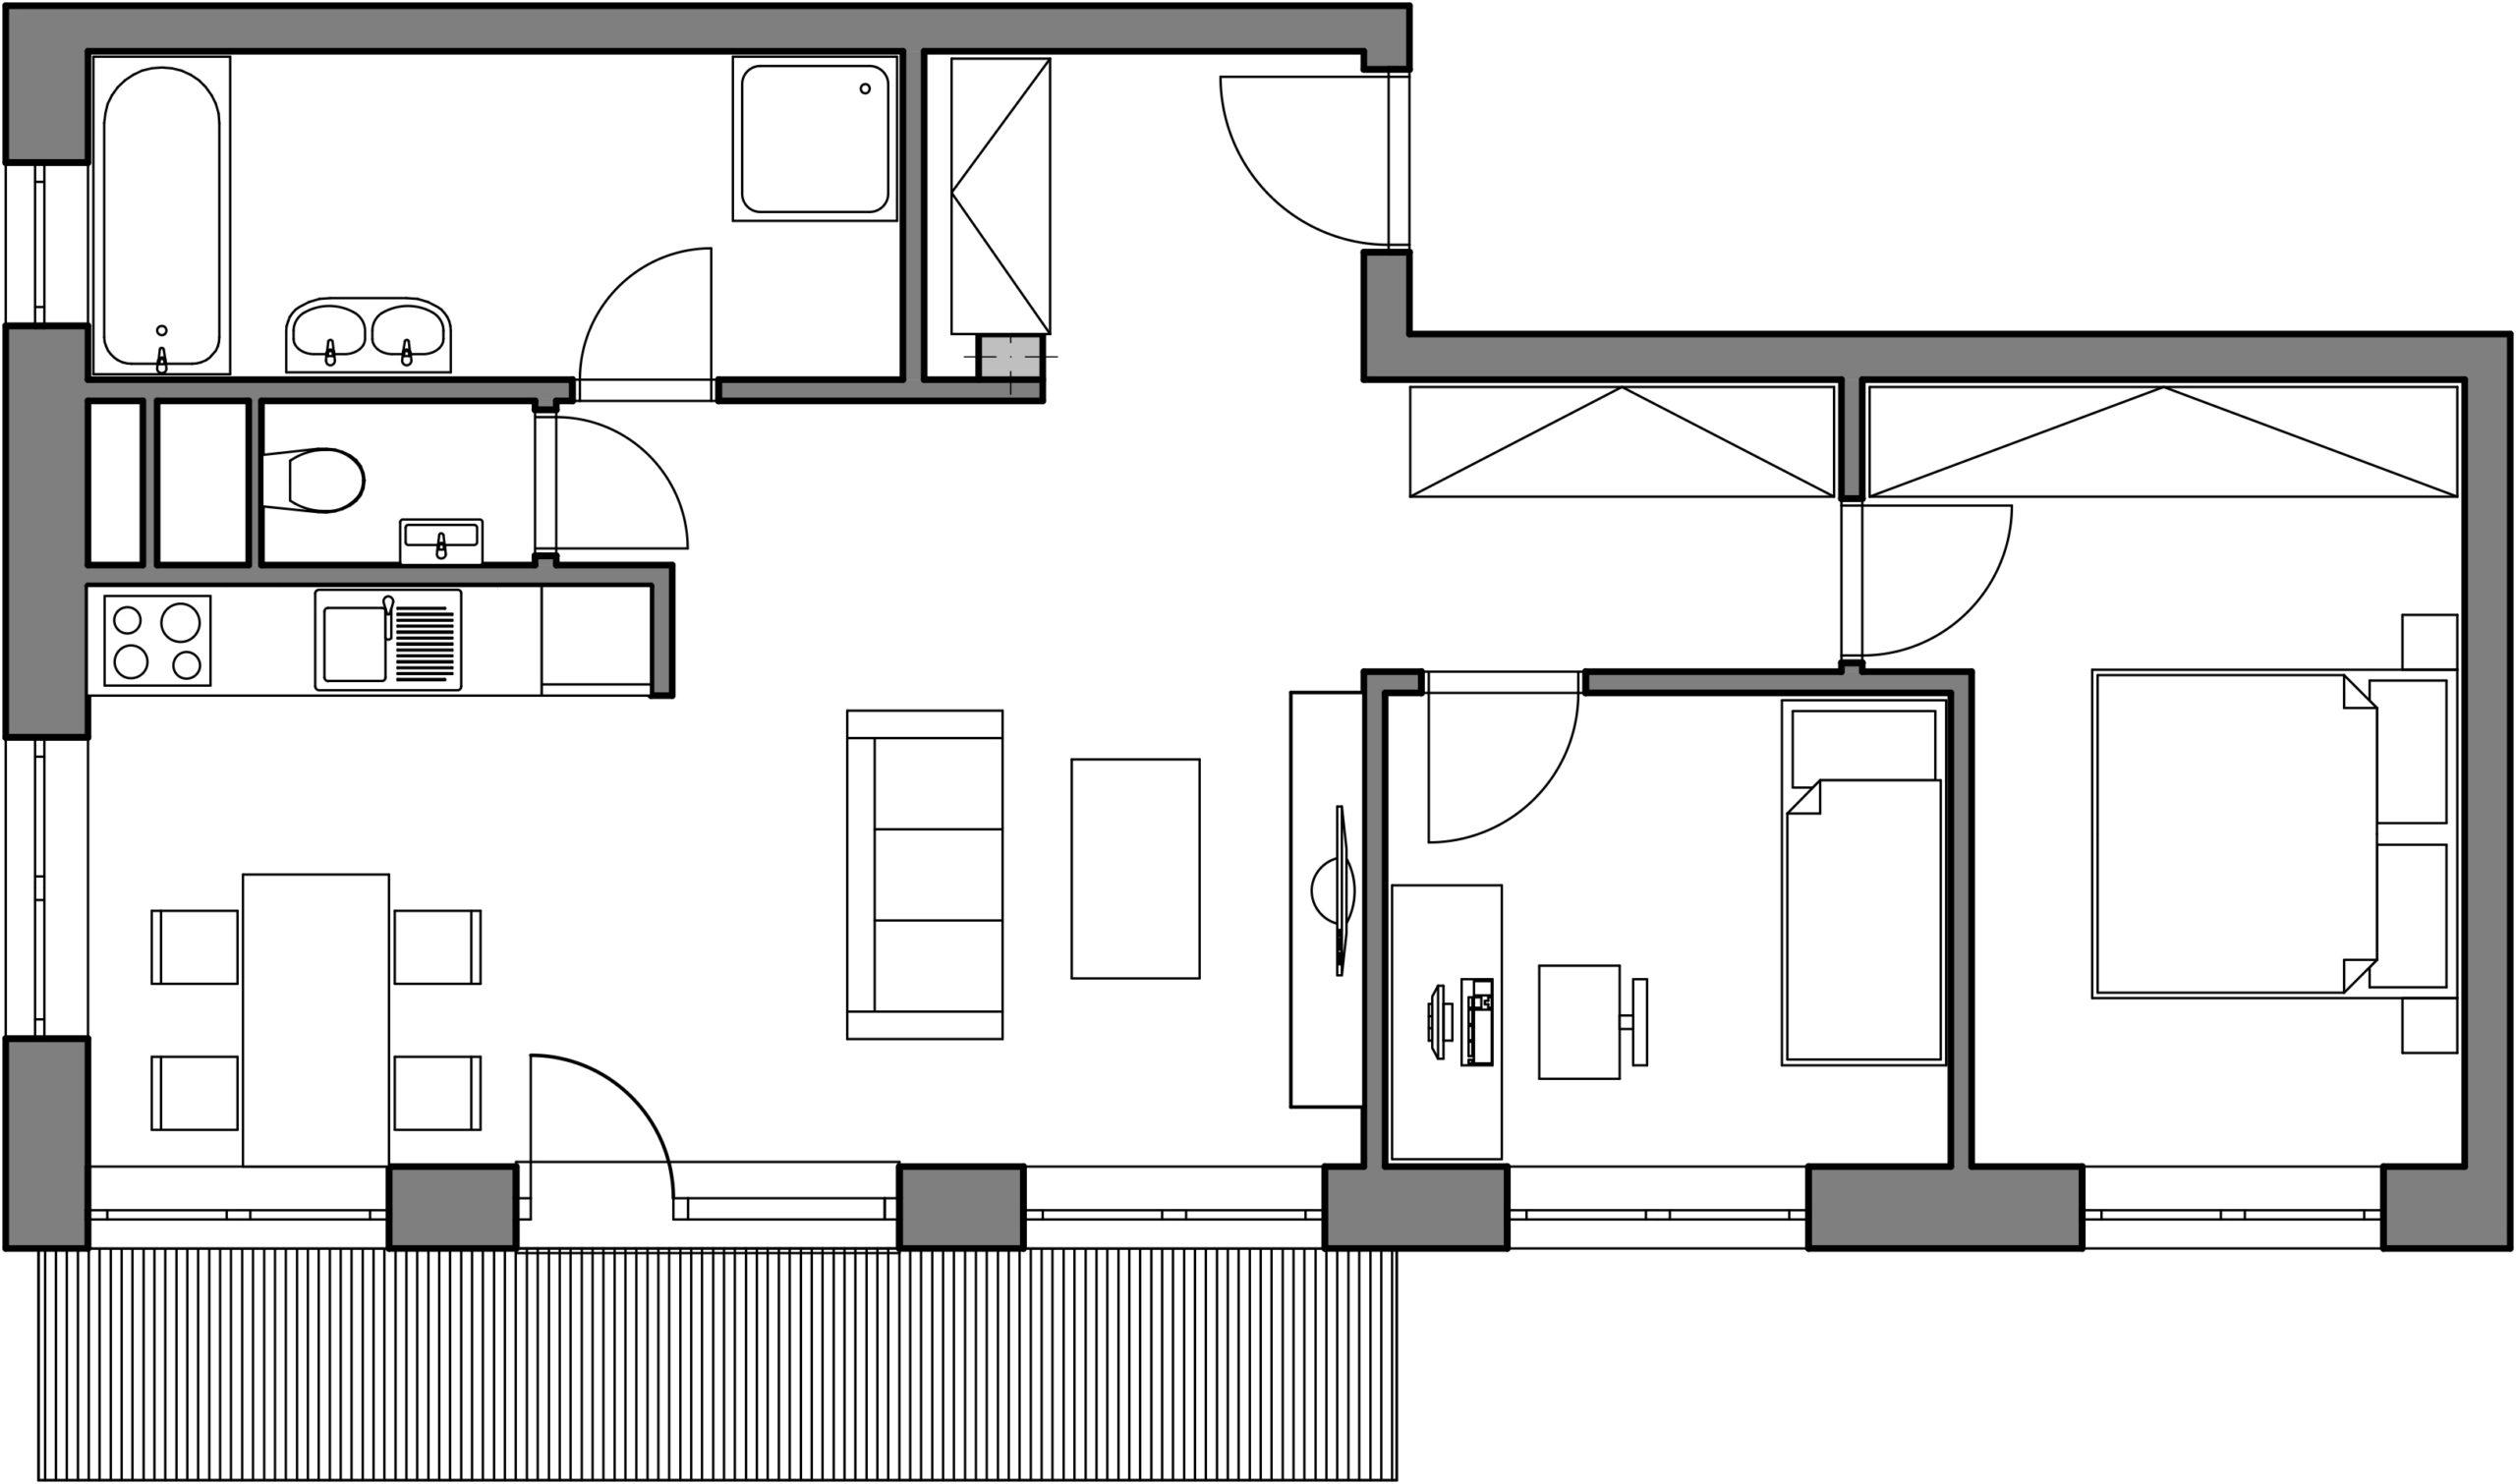 podorysy _ 0. Ground Floor